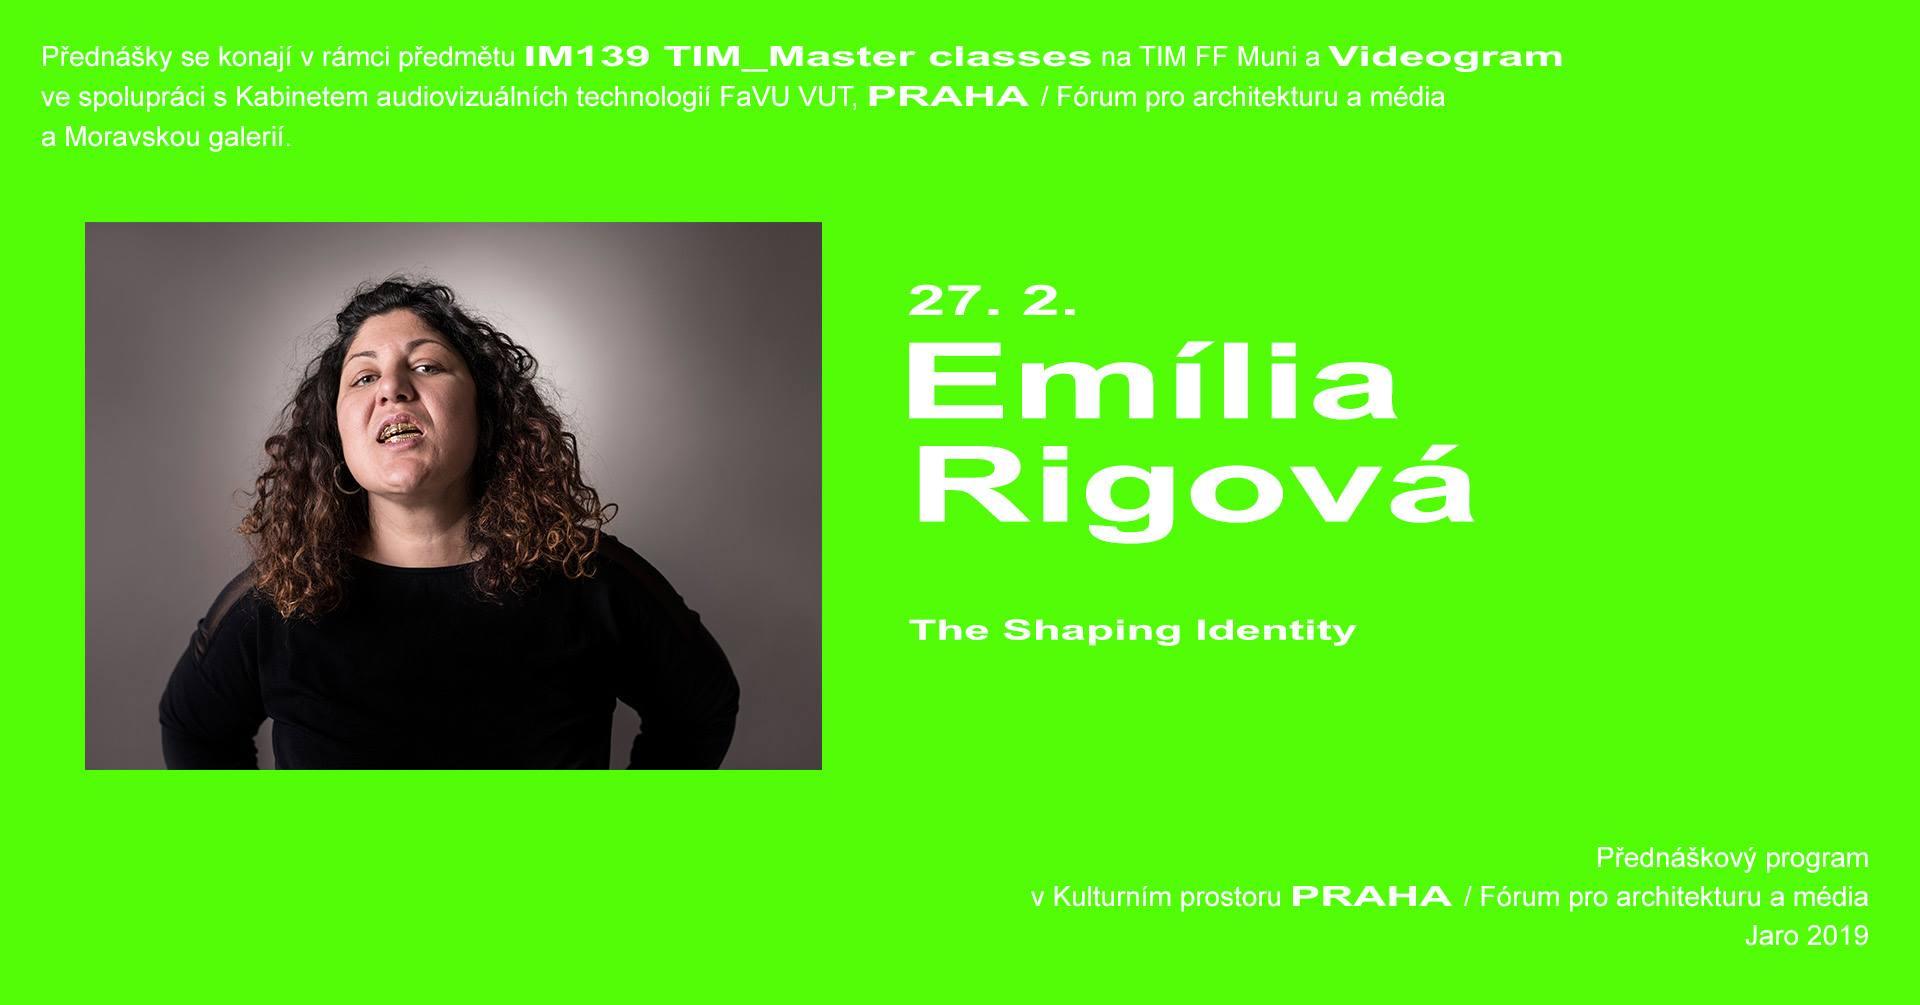 ST / 27.2. / 19.00 / Videogram 84 / TIM Master class: Emília Rigová – The Shaping identity / přednáška, projekce